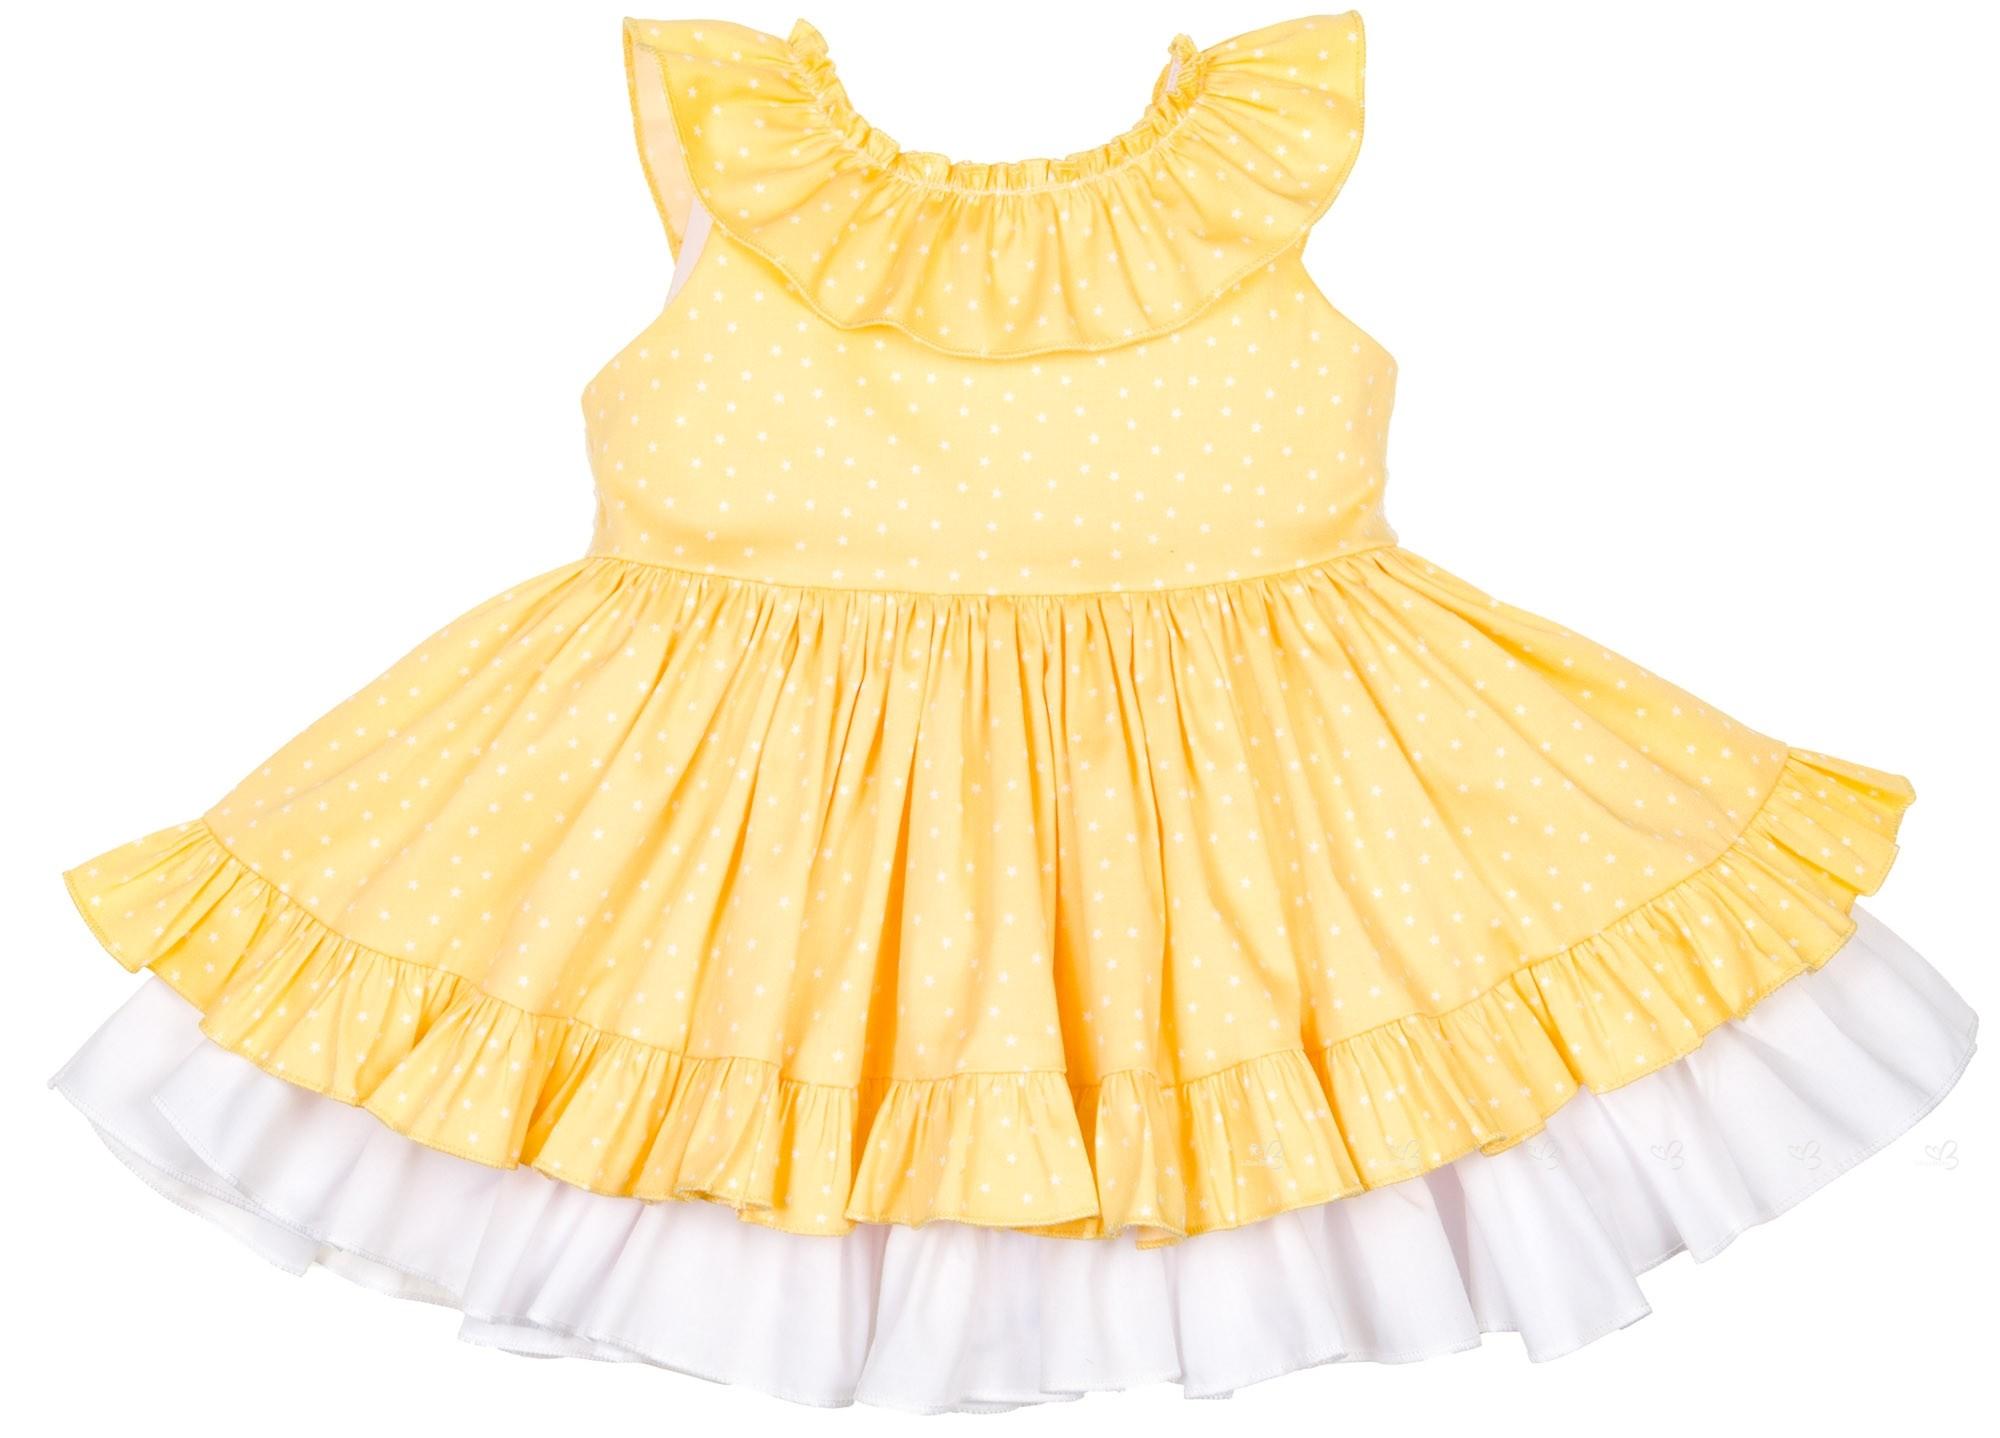 Vestido amarillo y blanco